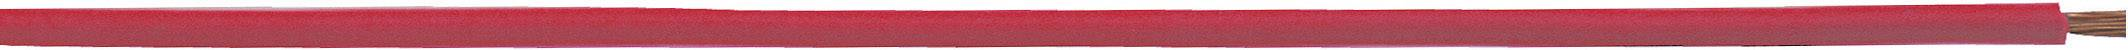 Opletenie / lanko LappKabel 4510001S H05V-K, 1 x 0.50 mm², vonkajší Ø 2.50 mm, 250 m, zelenožltá